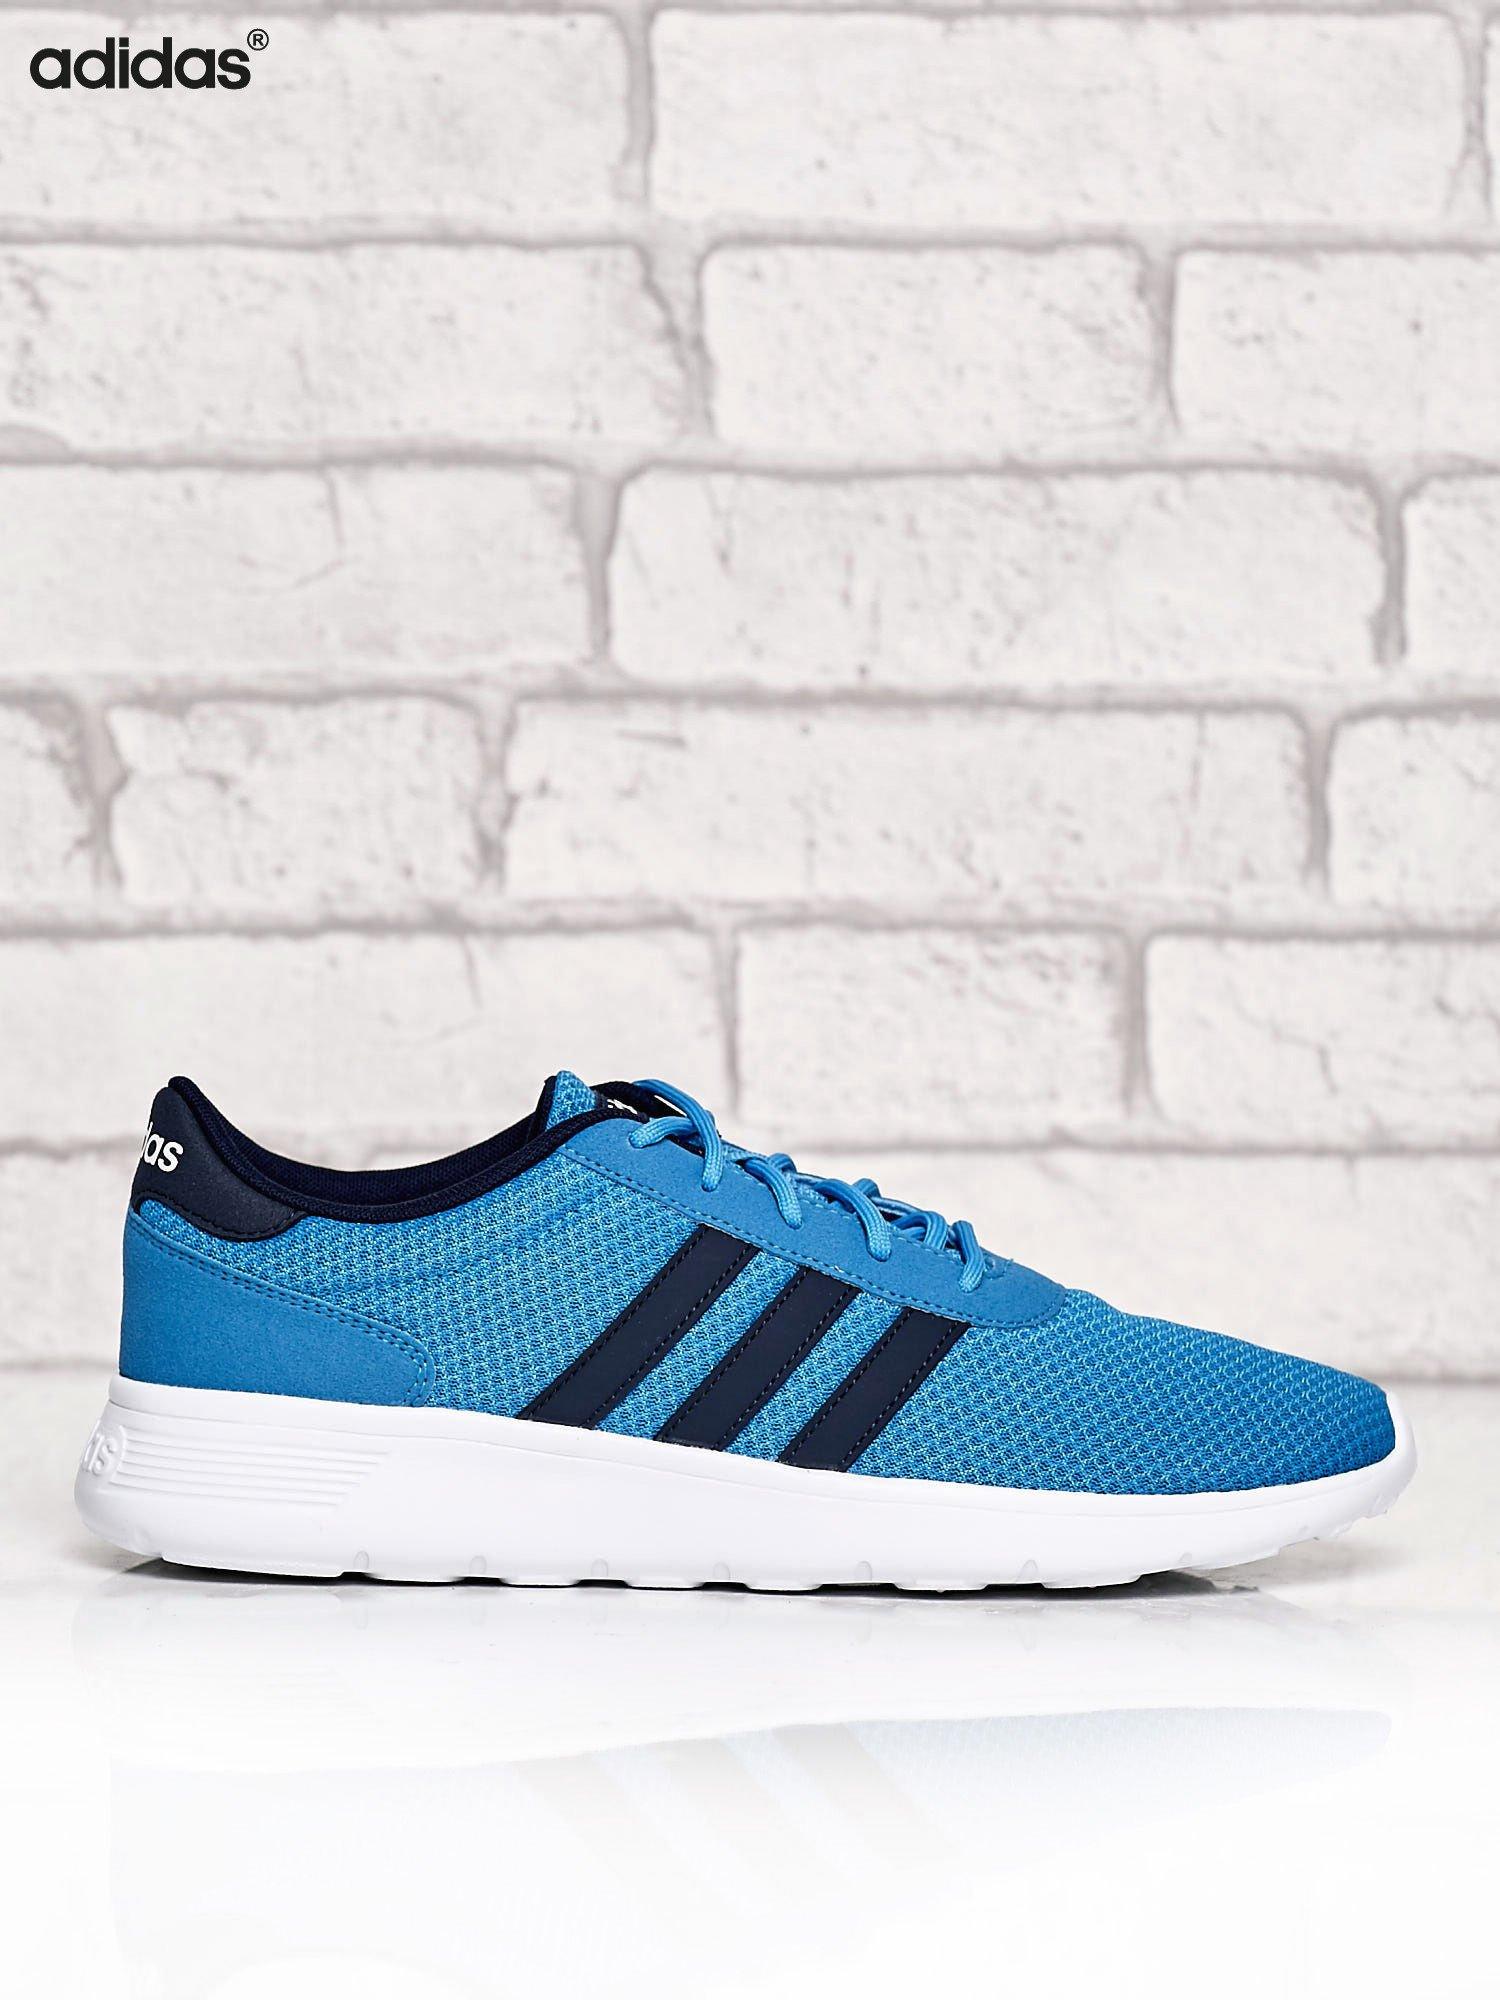 Buty męskie adidas lite racer aw5050 niebieskie Zdjęcie na